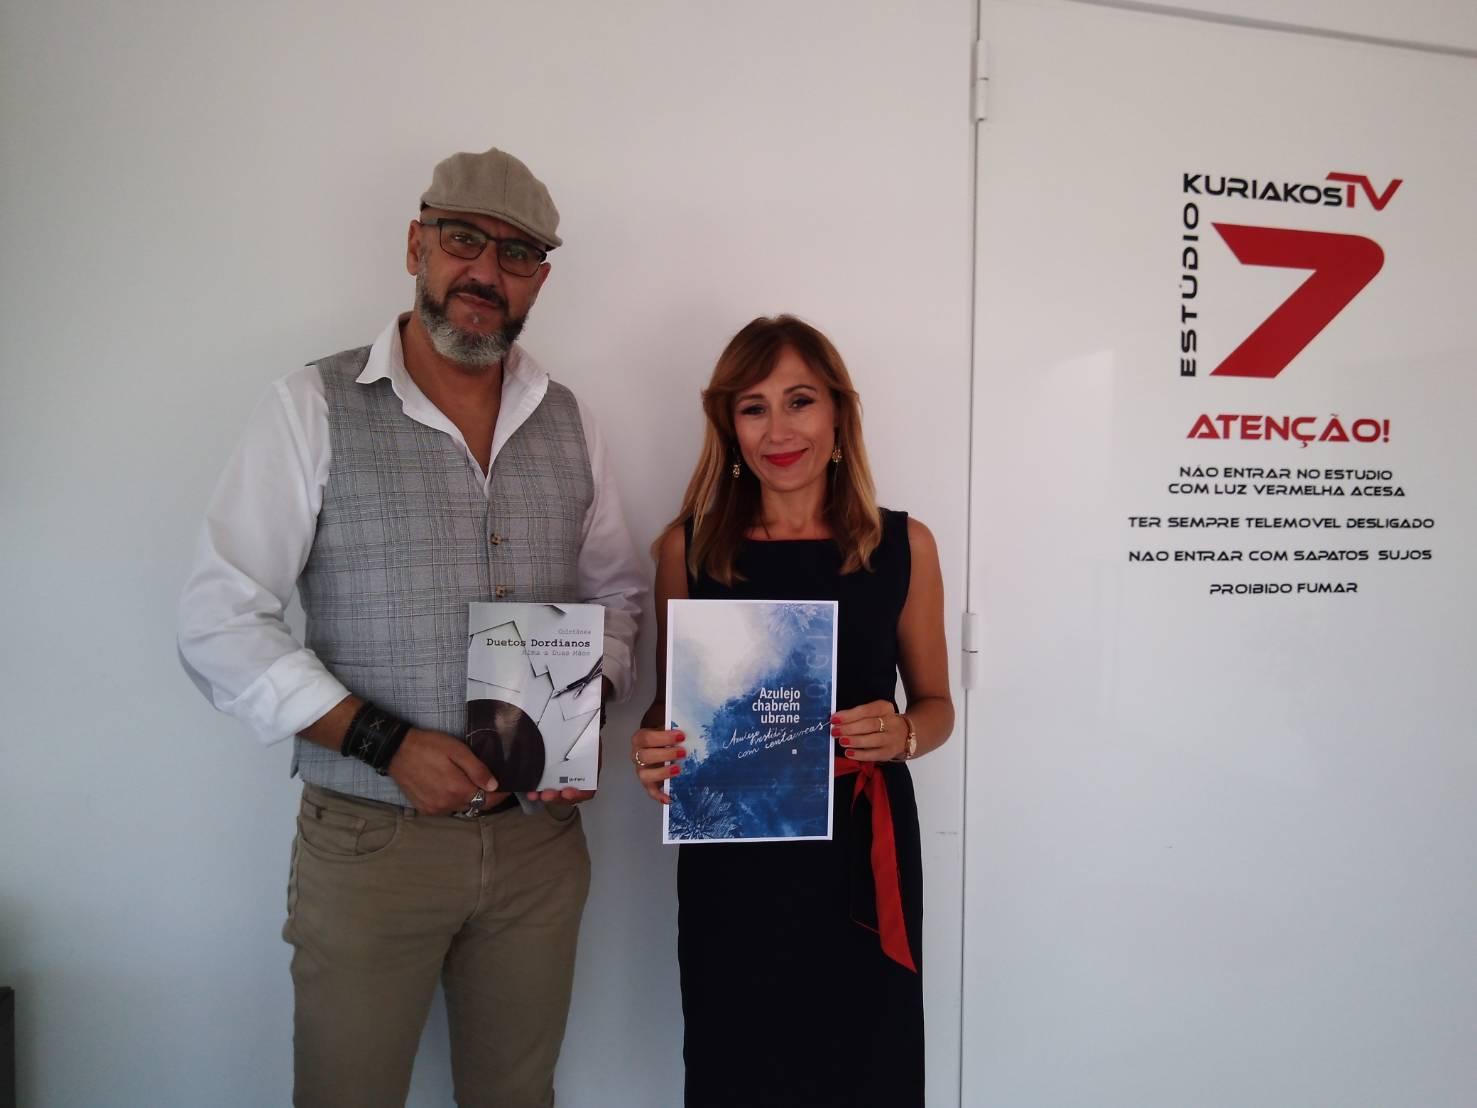 Apresentação da antologia da poesia polaco-portuguesa na KuriacosTv